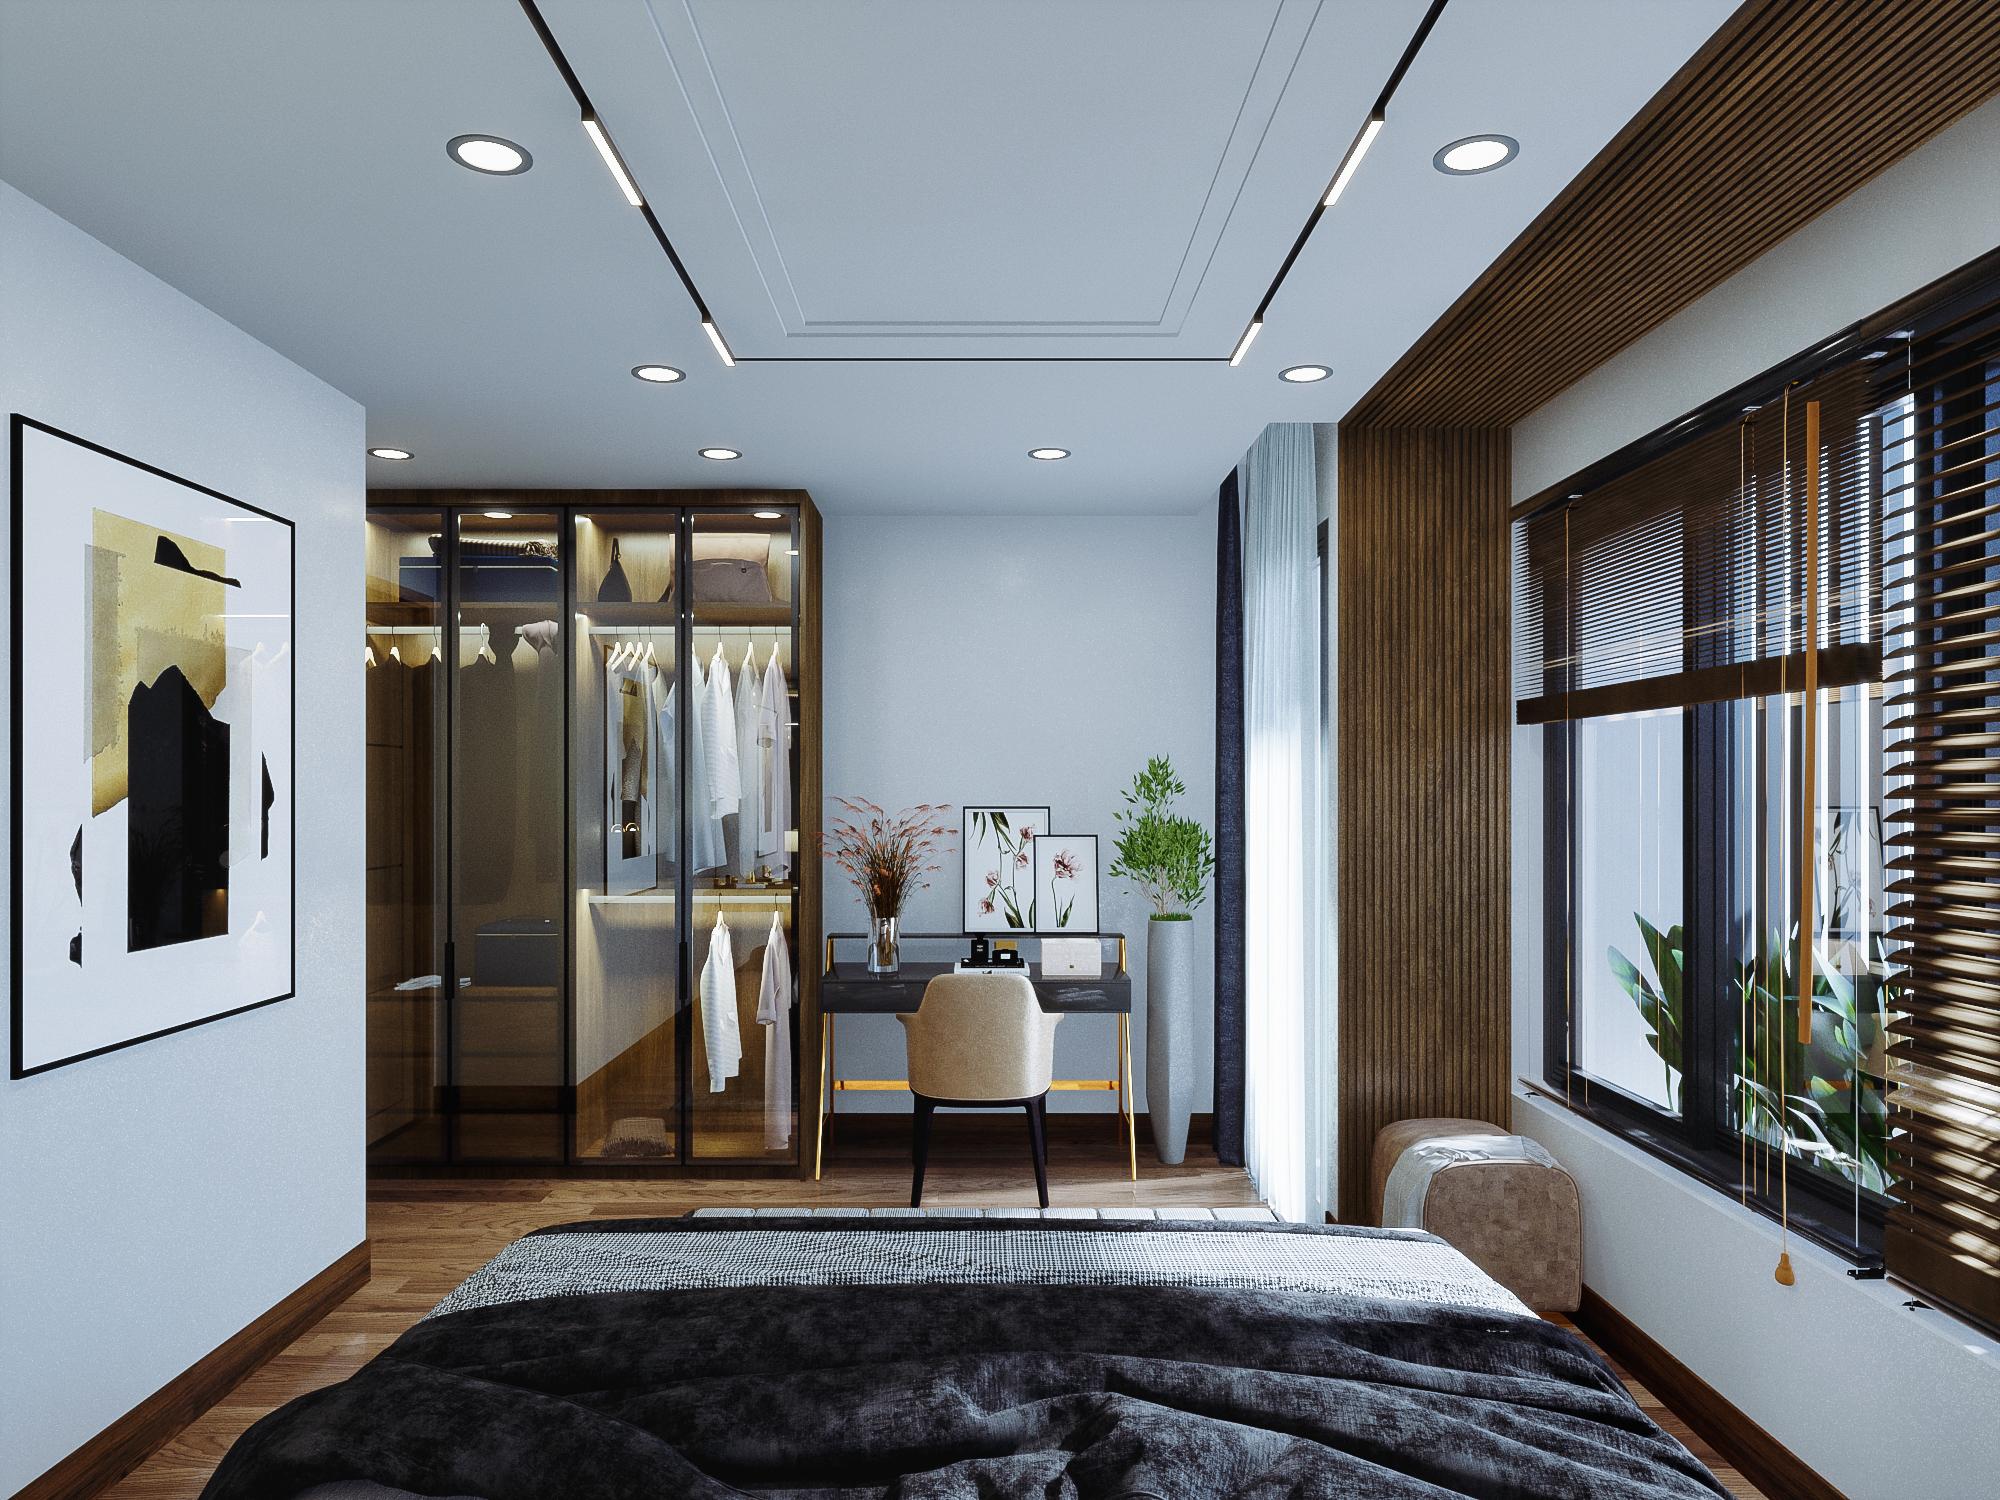 Thiết kế nội thất Nhà Mặt Phố tại Đà Nẵng Nội thất nhà phố 1591588813 5